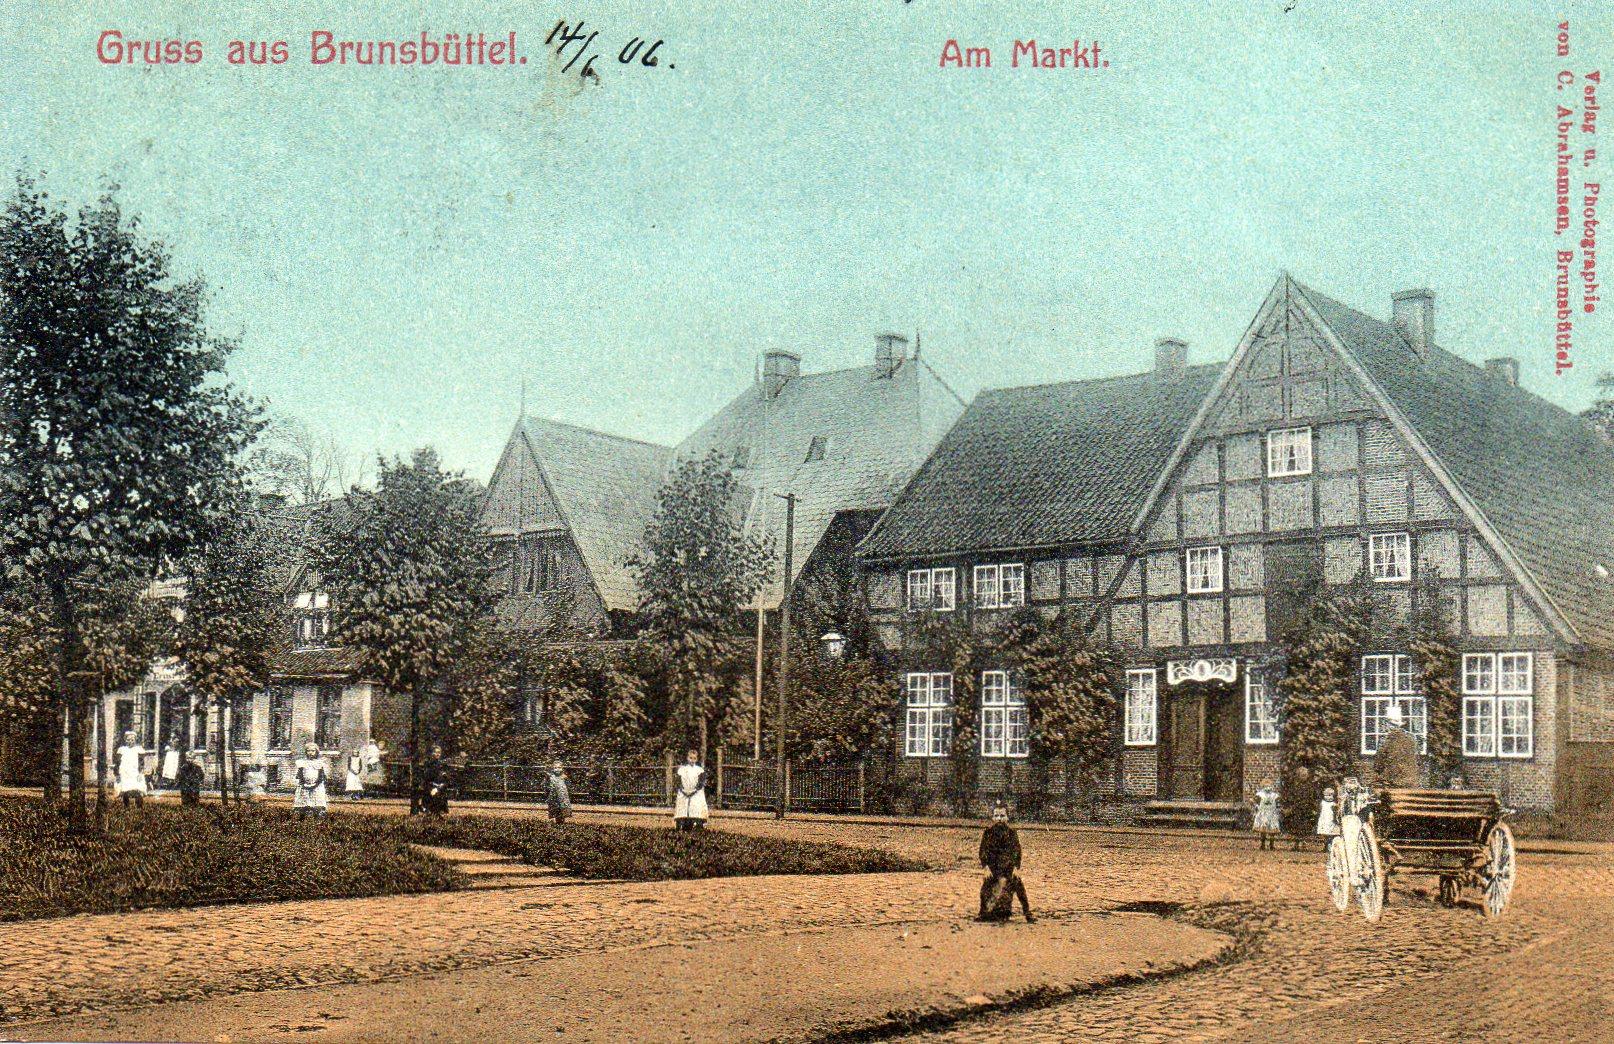 Brunsbüttel Am Markt